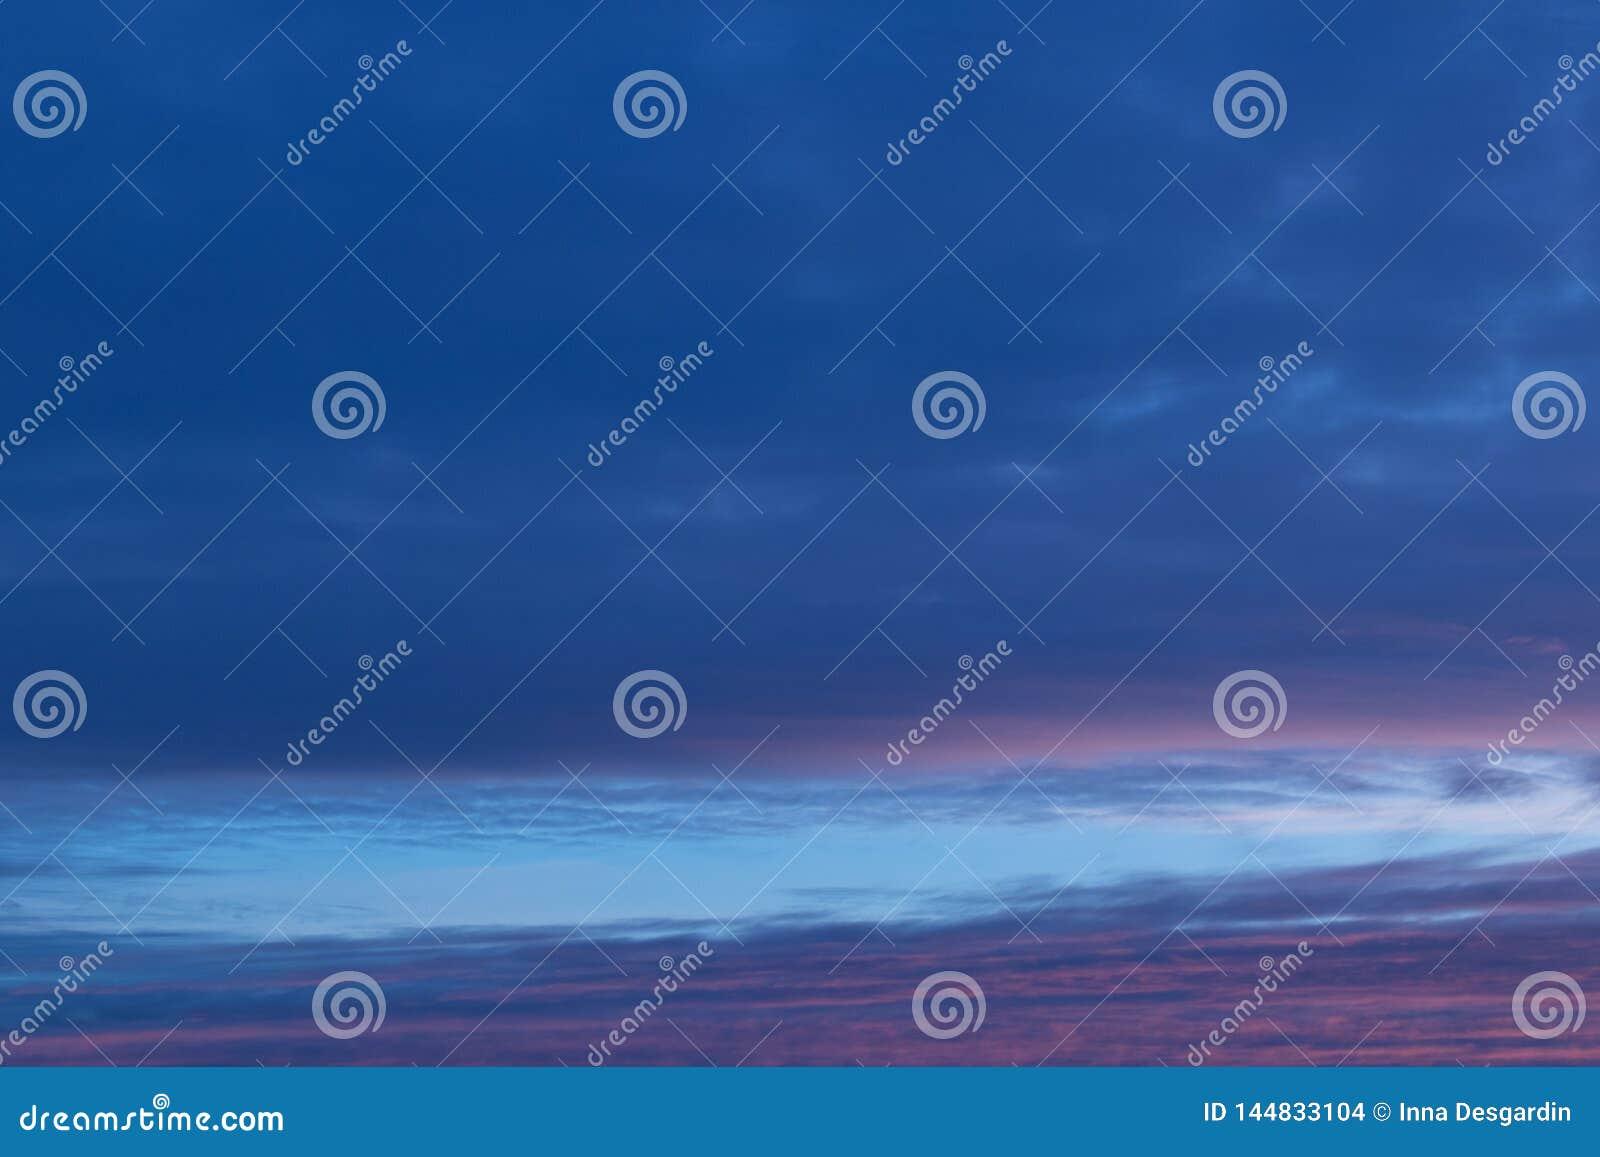 Abstrakcjonistycznego niebieskiego nieba zamazany tło Fantazji lub relaksu pojęcie Galaktyka i astronautyczny projekt